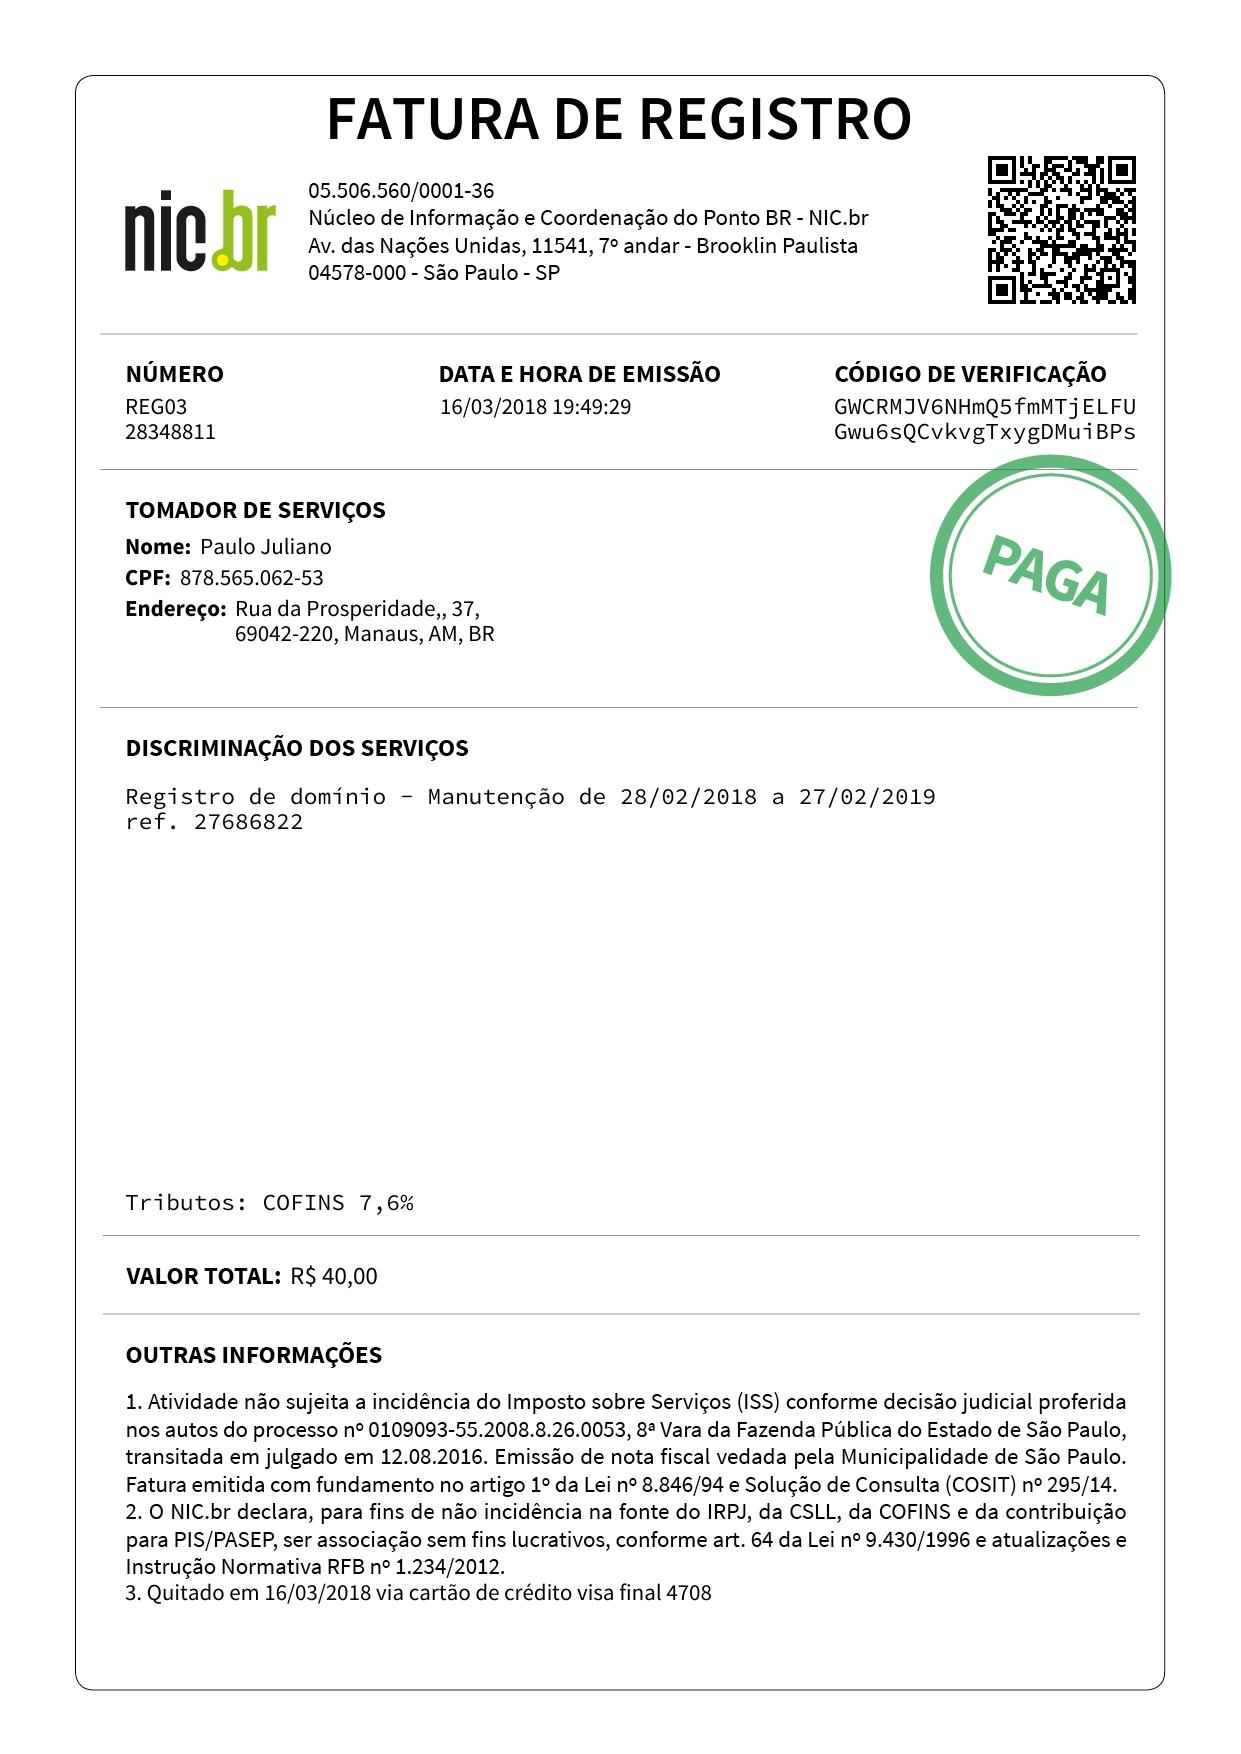 Fatura   Nome Empresarial, Francisco De Assis, Leonardo Moura